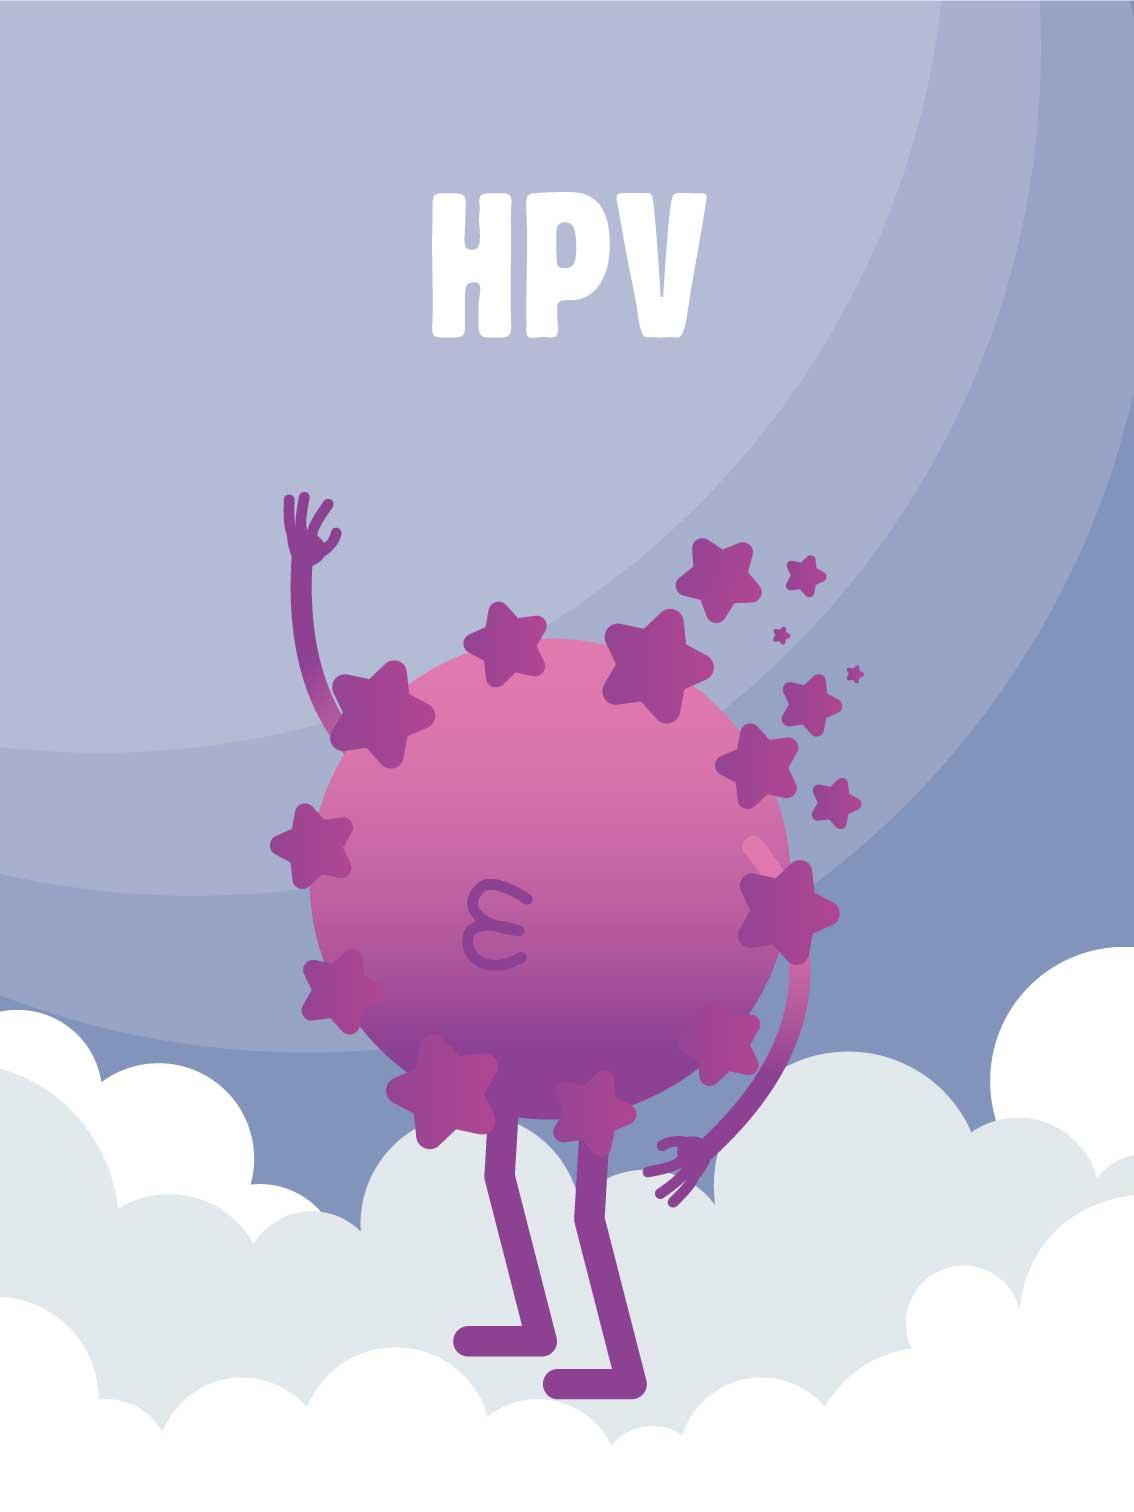 Virus hpv mst. HPV - Traducere în franceză - exemple în română | Reverso Context